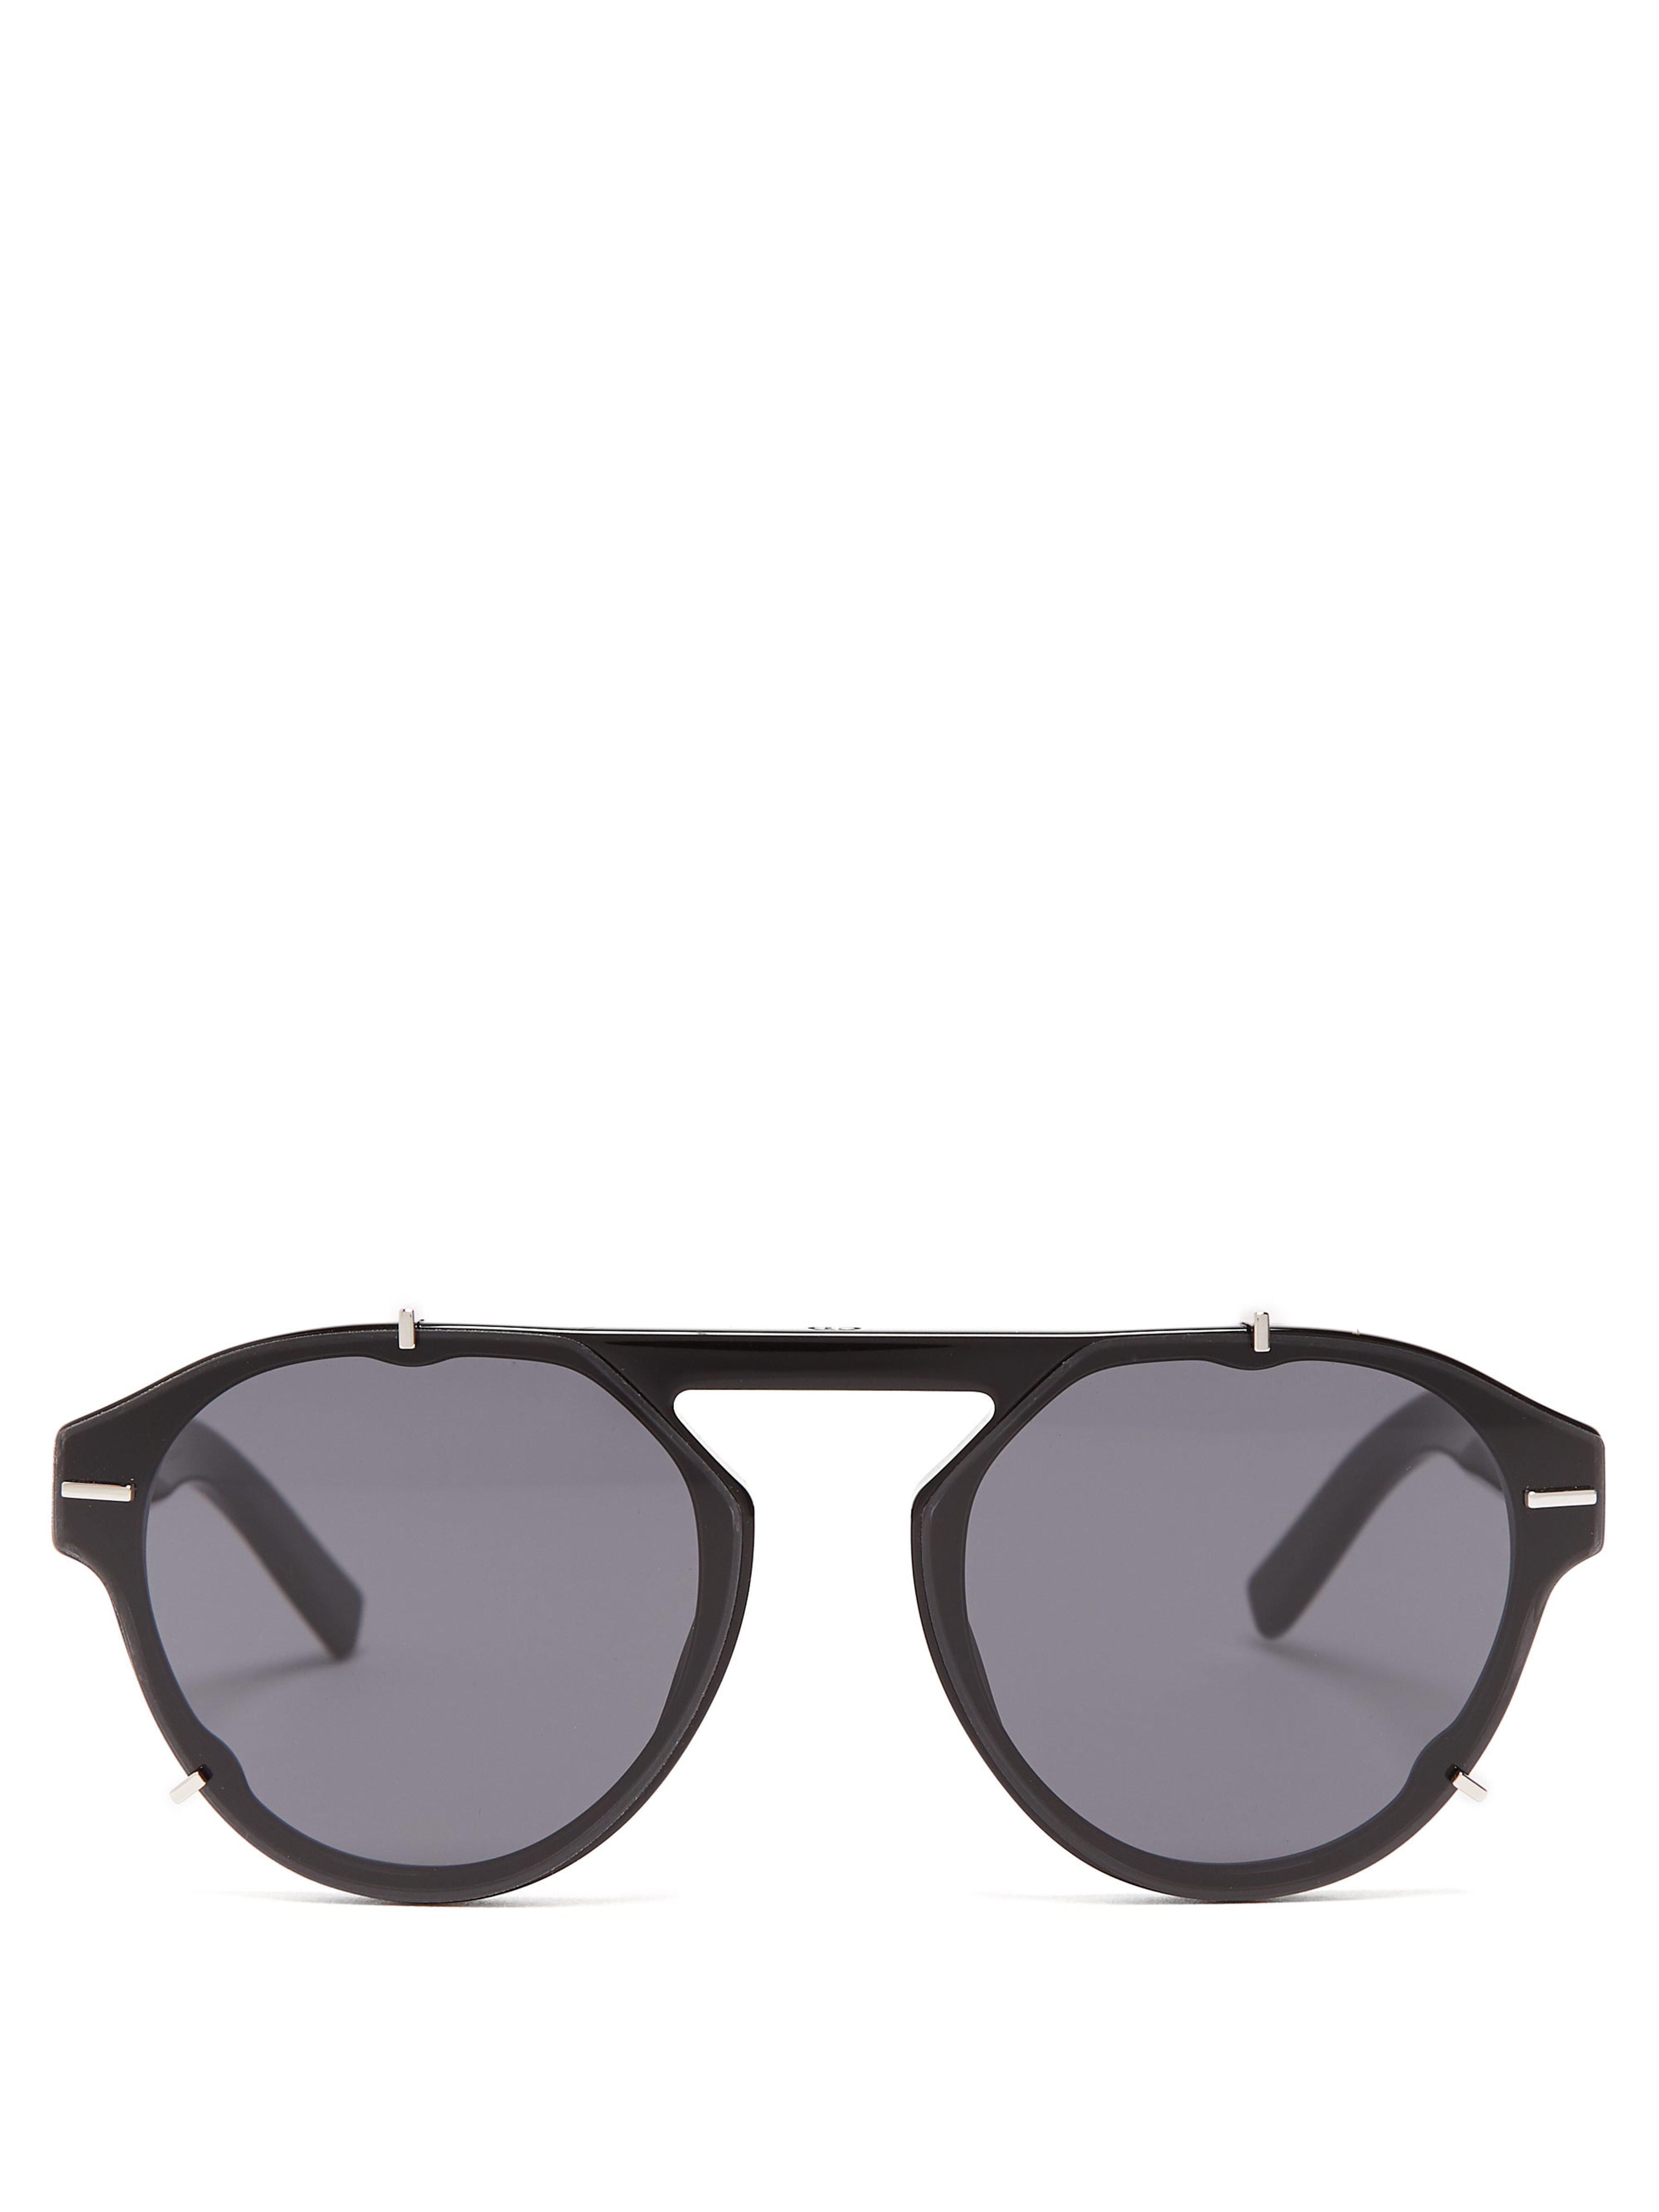 325ce91b19f8d2 Lyst - Lunettes de soleil rondes en acétate BlackTie Dior Homme pour ...